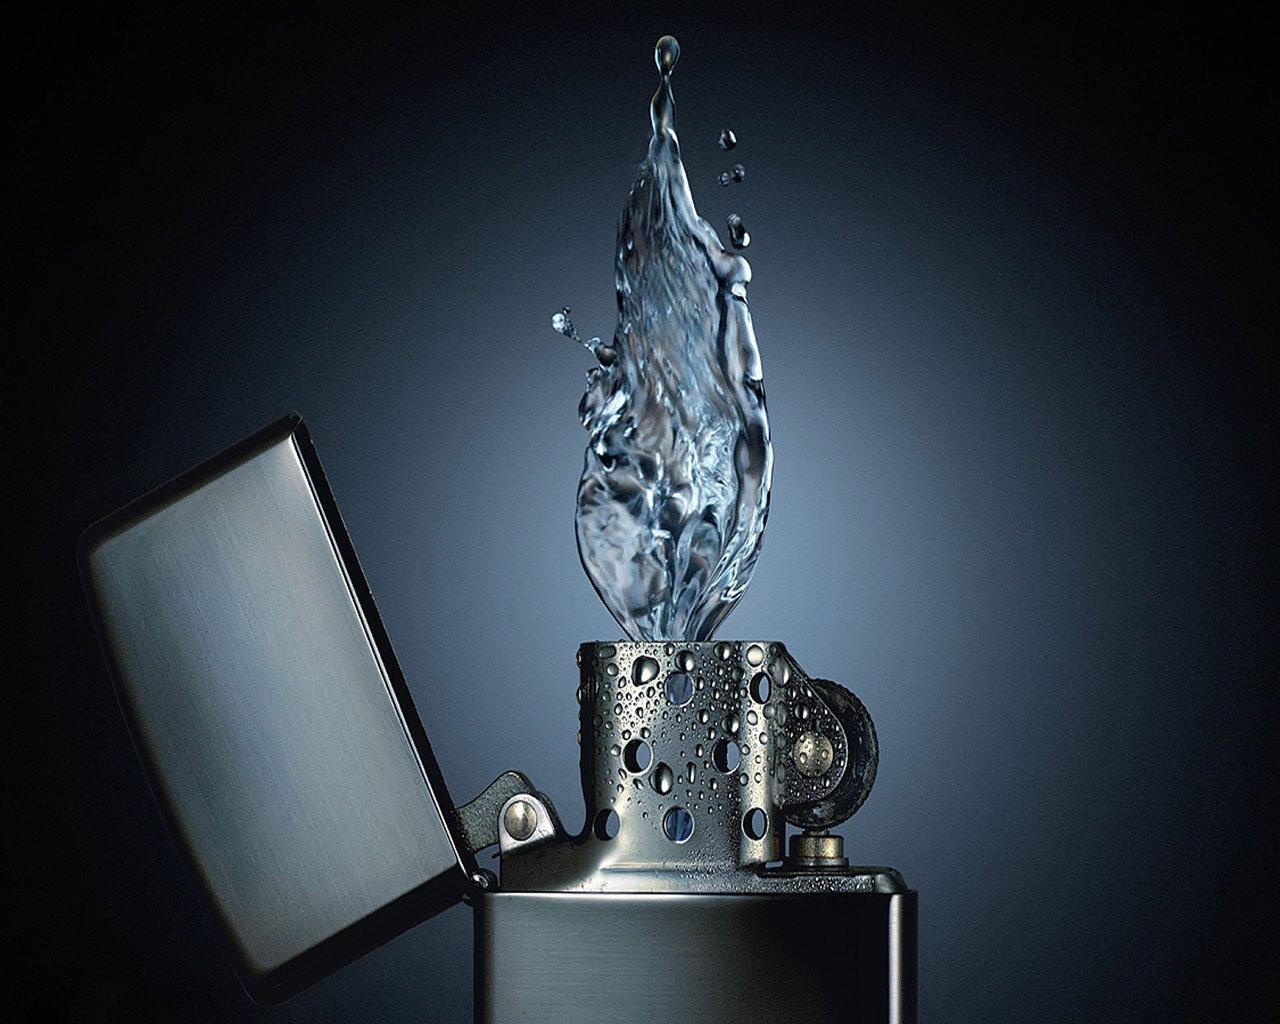 Скачать картинку Вода, Фон, Капли в телефон бесплатно.